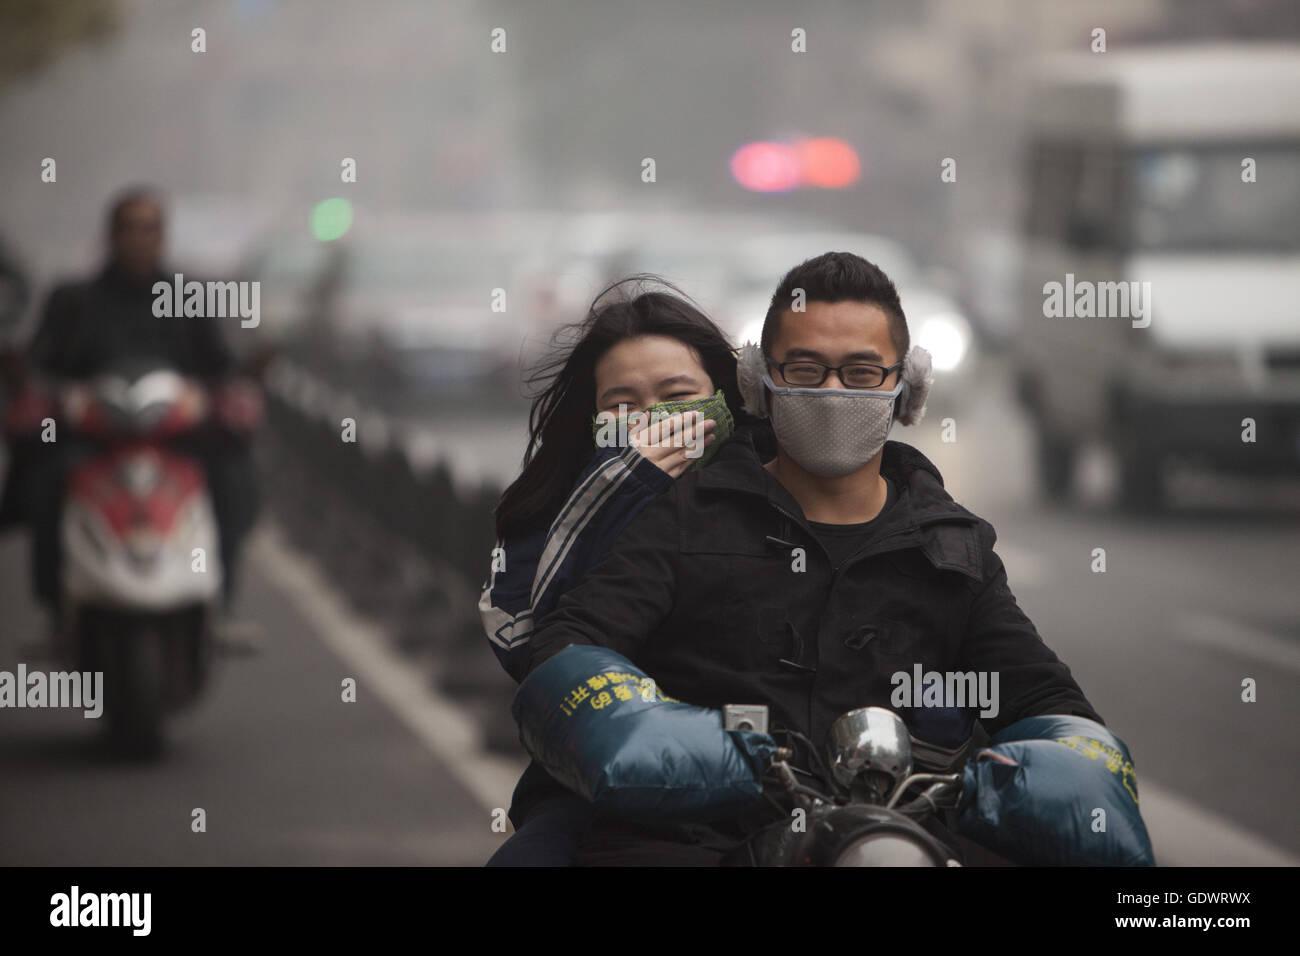 Ein paar fährt auf einem Motorrad unter einer grauen Wolke der Smog in der Innenstadt von Stockbild